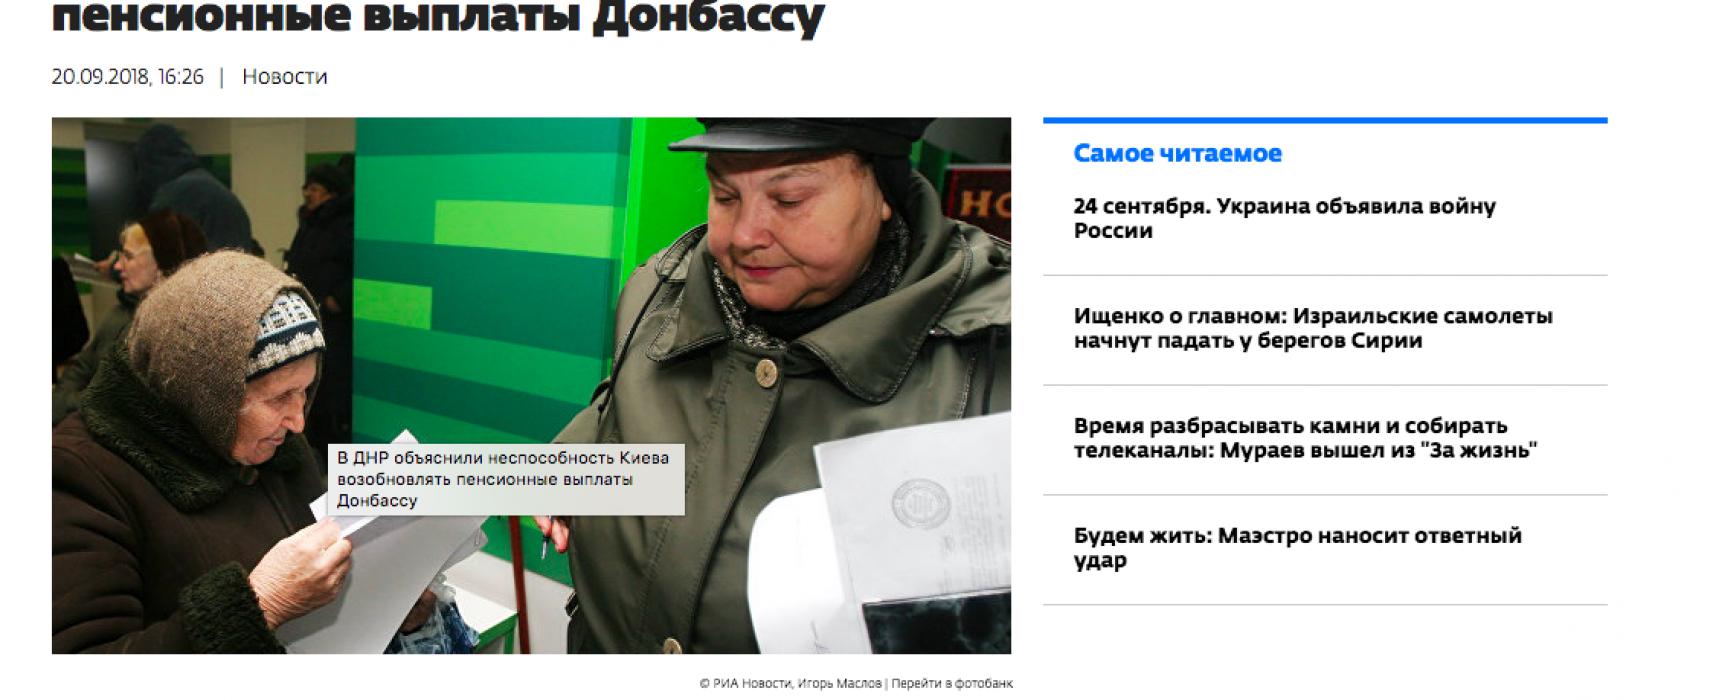 Fake: Kiew hat kein Geld, um Renten in den besetzten ostukrainischen Gebieten zu zahlen